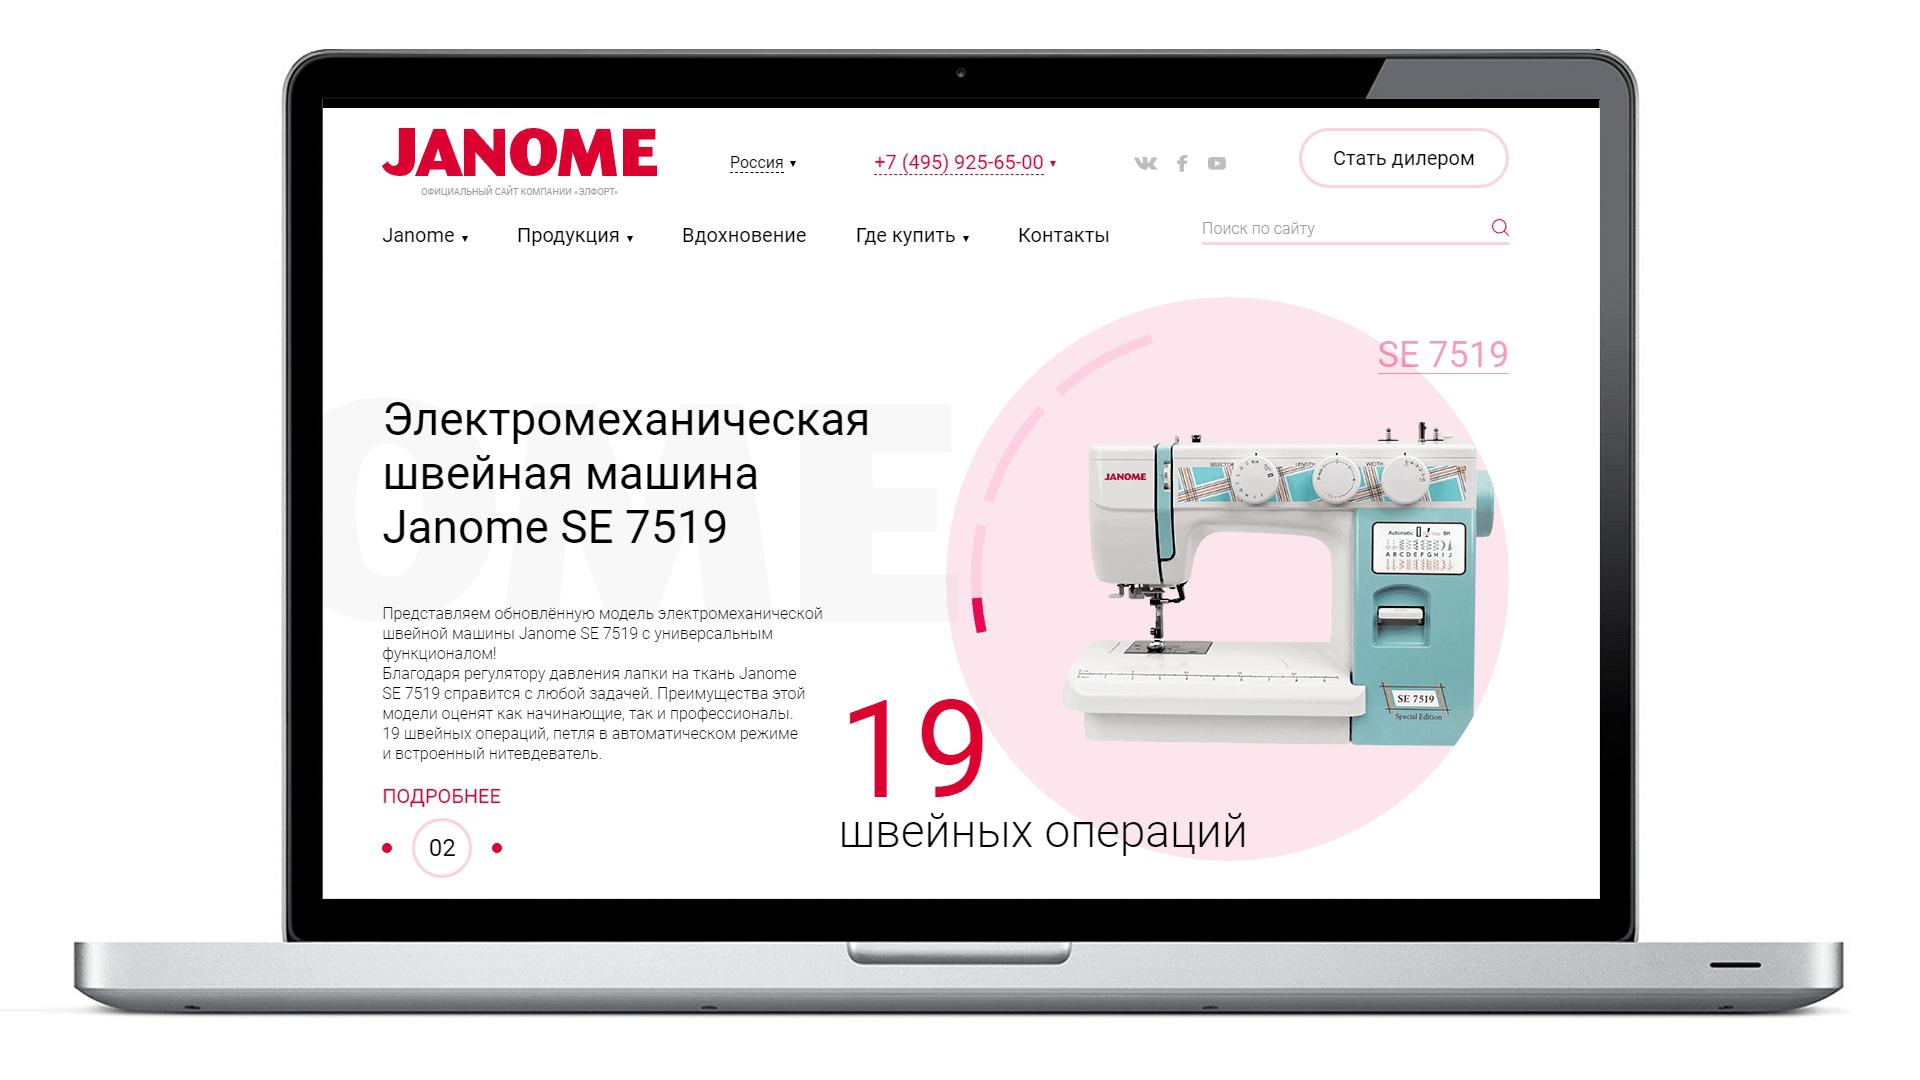 <p>Janome— имя всемирно известного японского производителя швейной техники. Засозданием сайта кнам обратился российский дистрибьютор компании.</p>